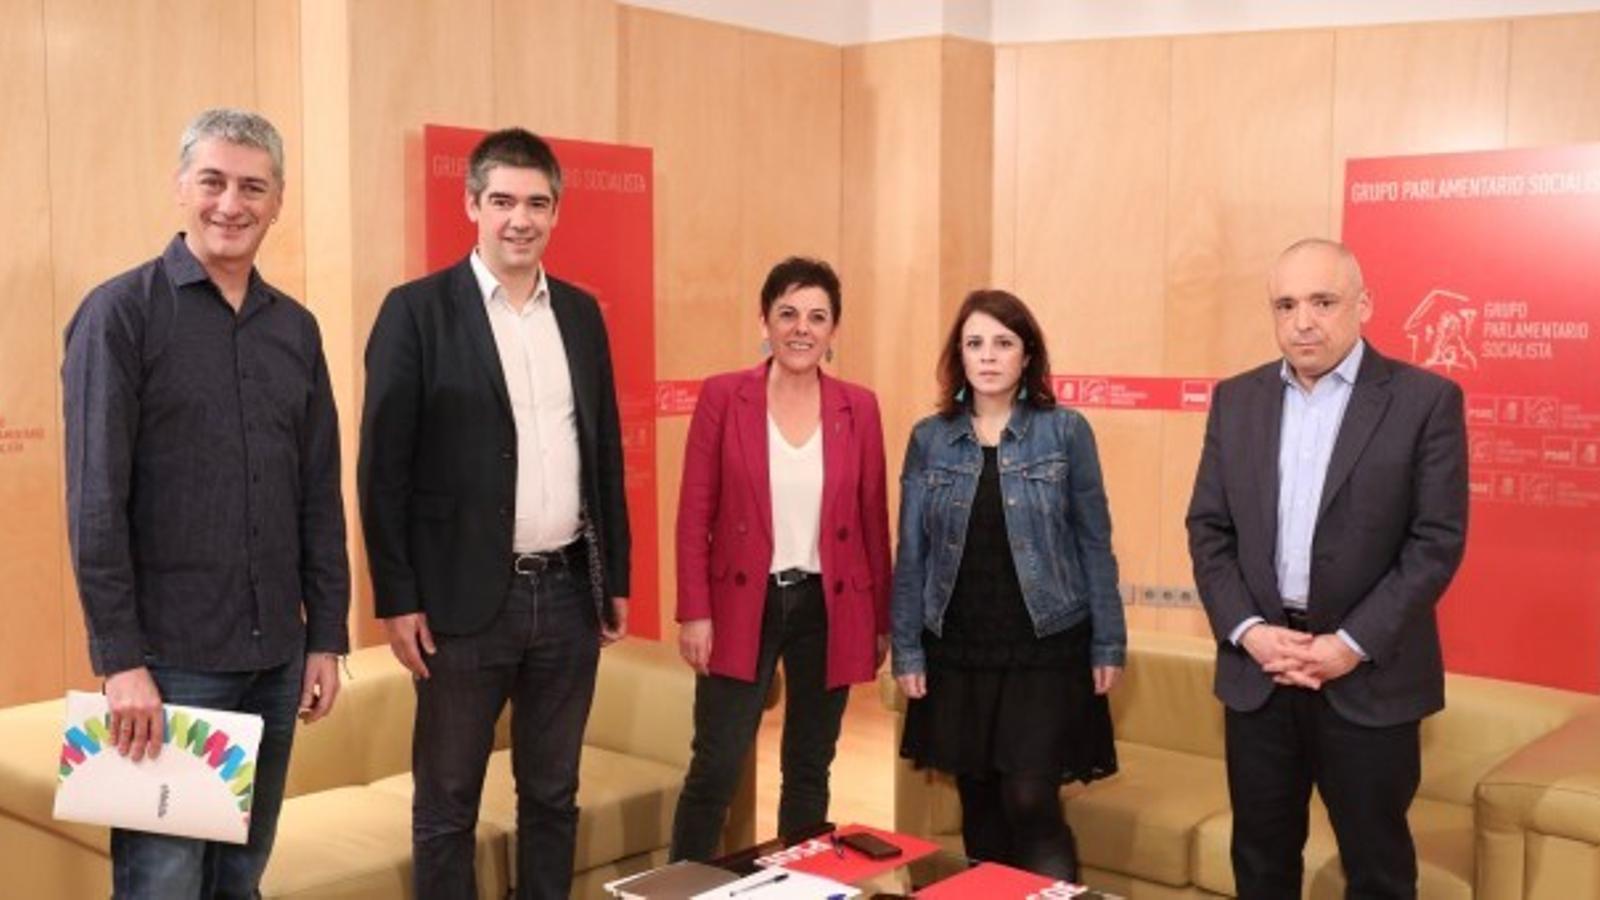 Representants del PSOE i EH Bildu, en una imatge d'arxiu